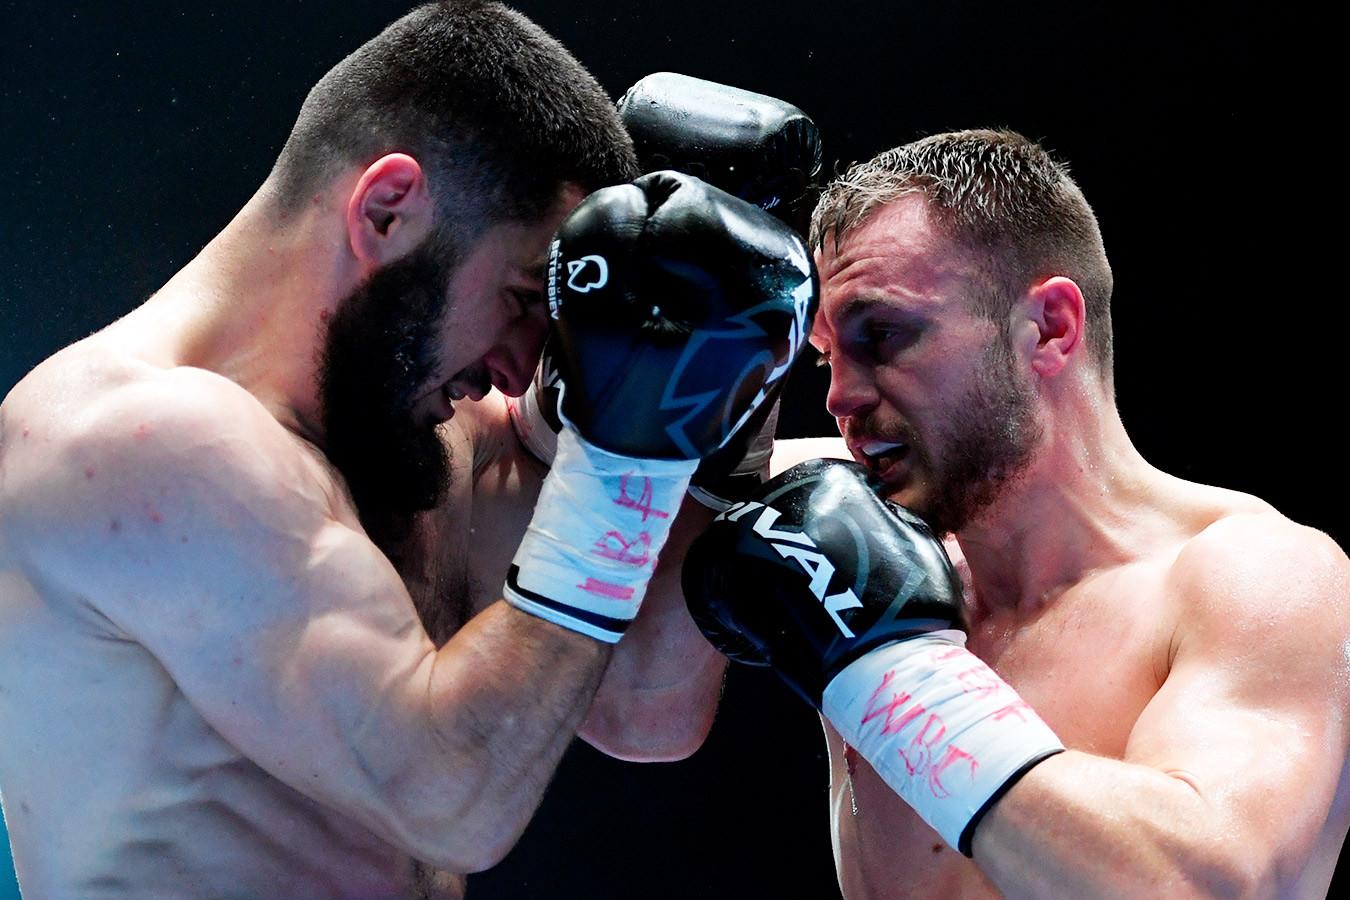 Бетербиев нокаутировал Дейнеса в 10-м раунде и защитил титулы WBC и IBF